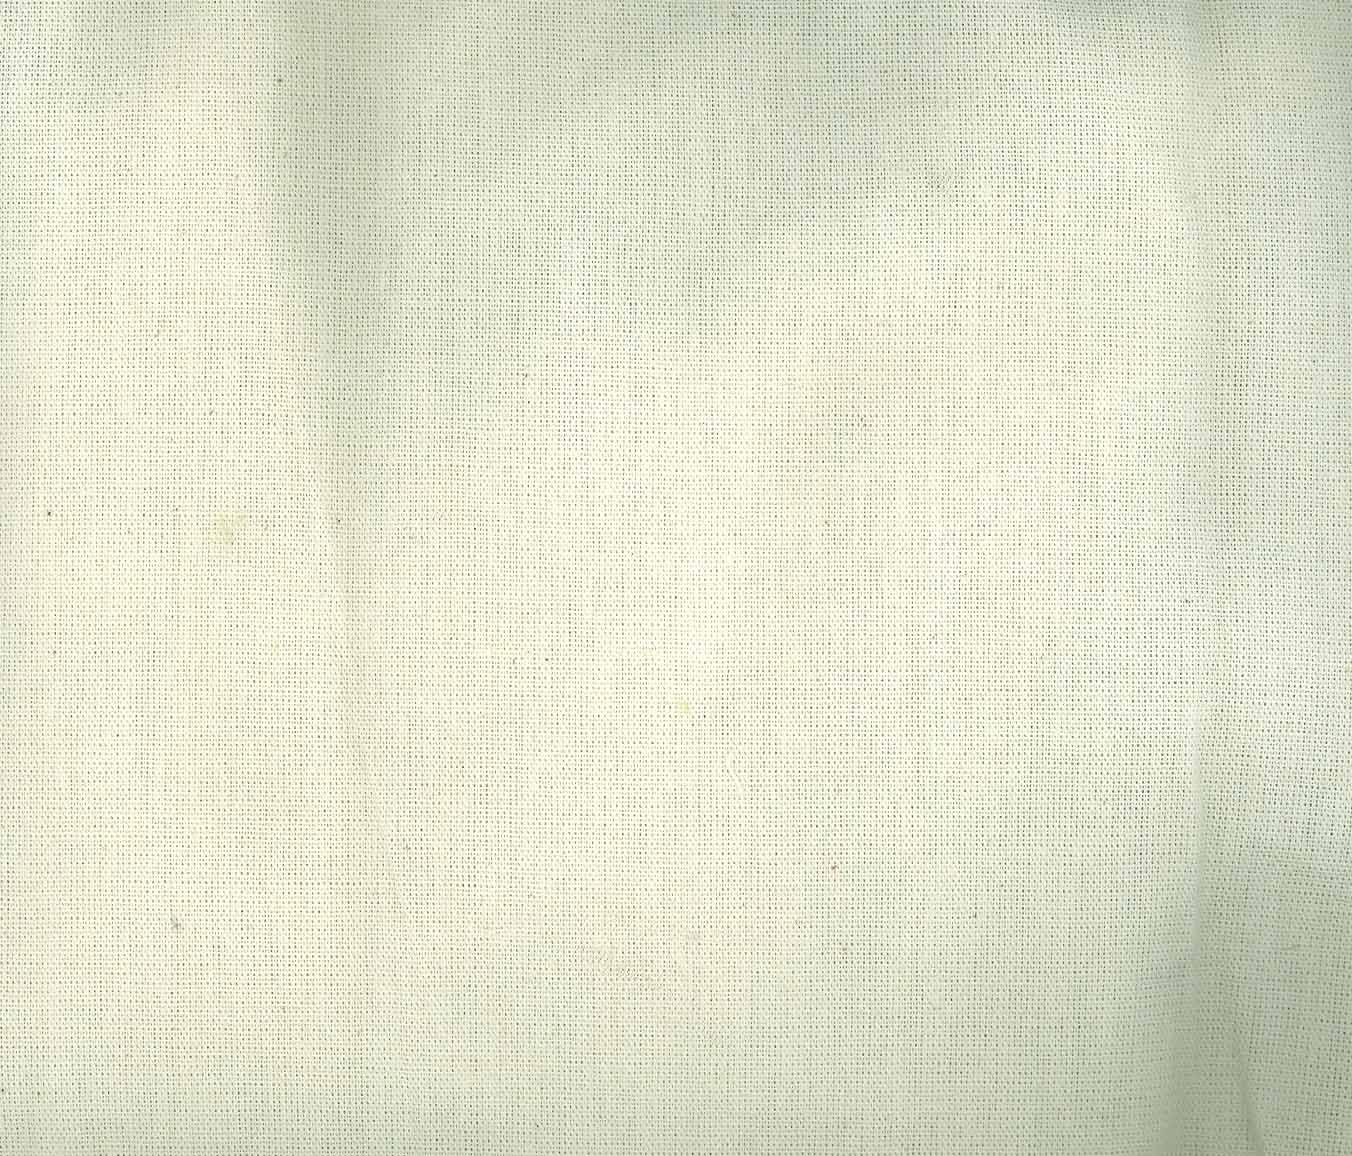 کیف پارچه ای کوچک (برگ سوزنی)